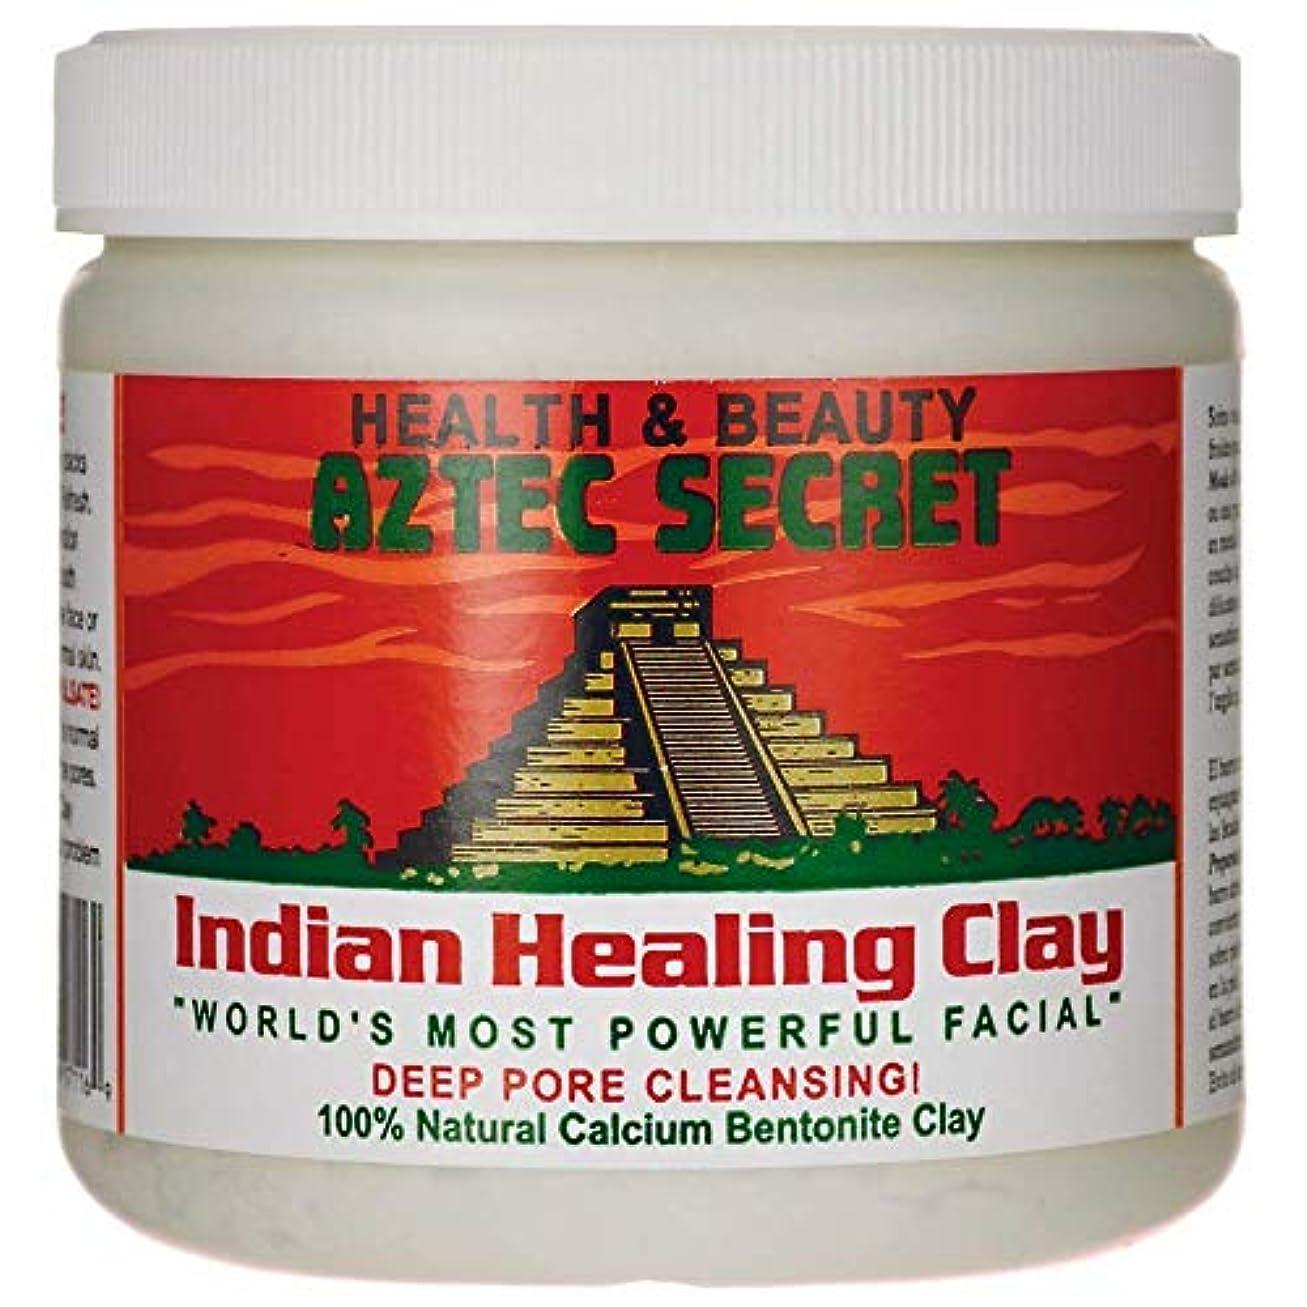 顎レンジフルーツ野菜Aztec Secret 1 Lbをオリジナルの100%天然カルシウムベントナイト粘土をマスクディープポアクレンジング?フェイシャル&ボディヒーリング 1ポンド